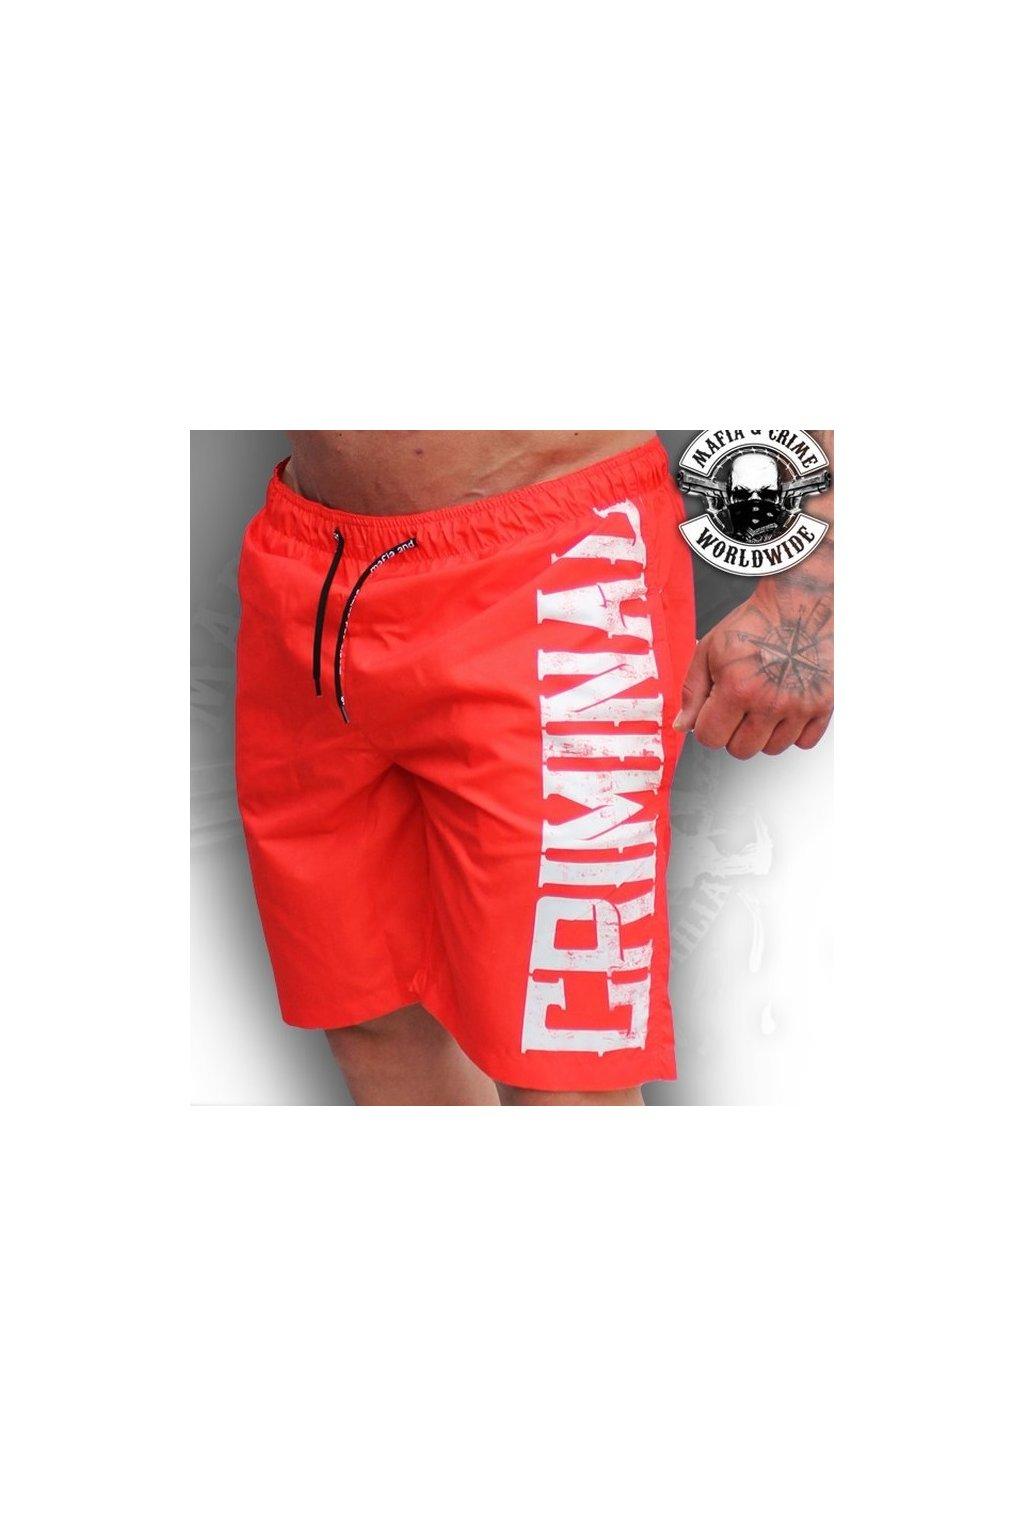 Pánské plavky Mafia & Crime 1312 červené obr1